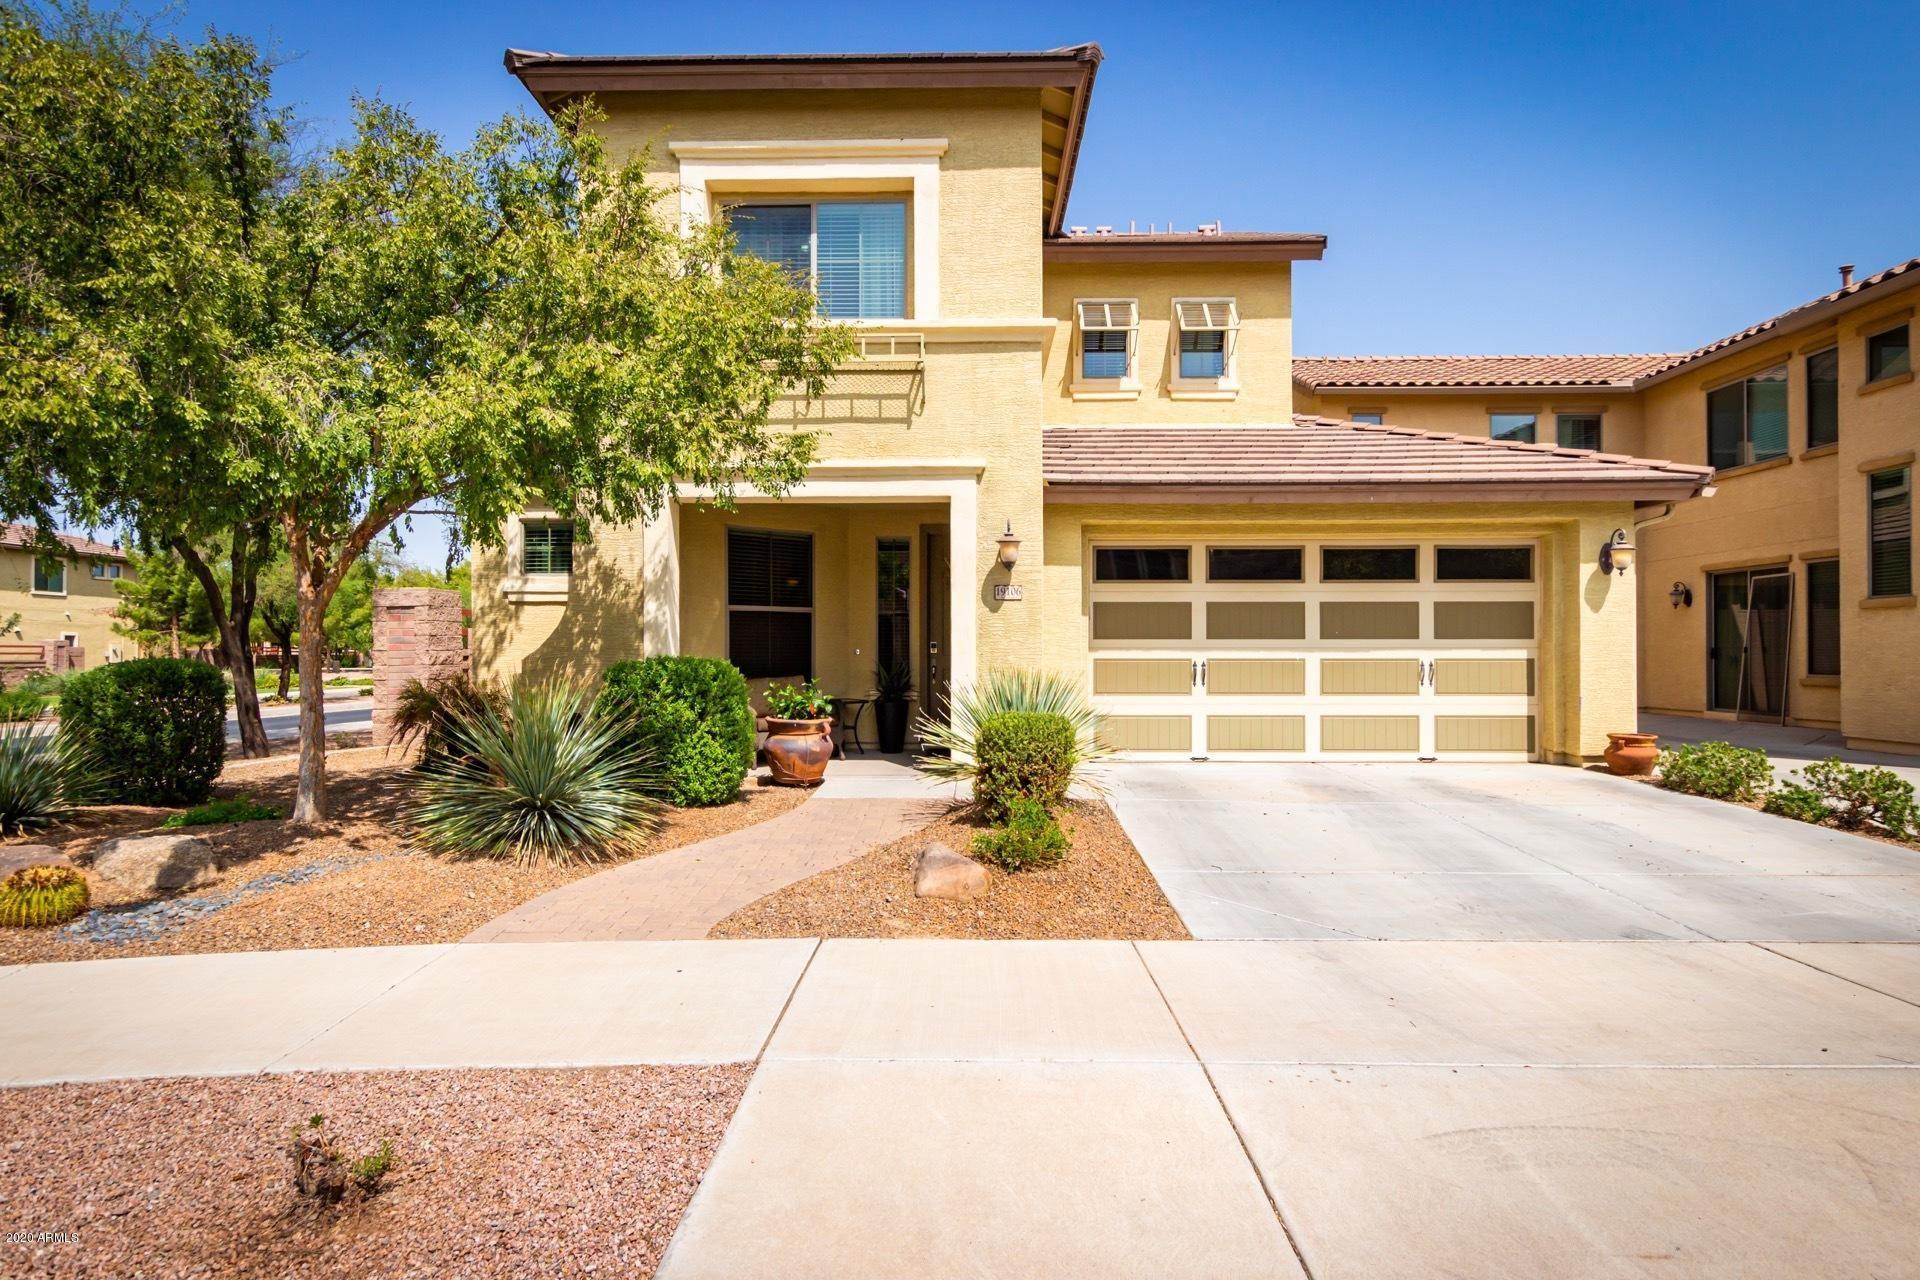 19106 E SUPERSTITION Court, Queen Creek, AZ 85142 - MLS#: 6134137